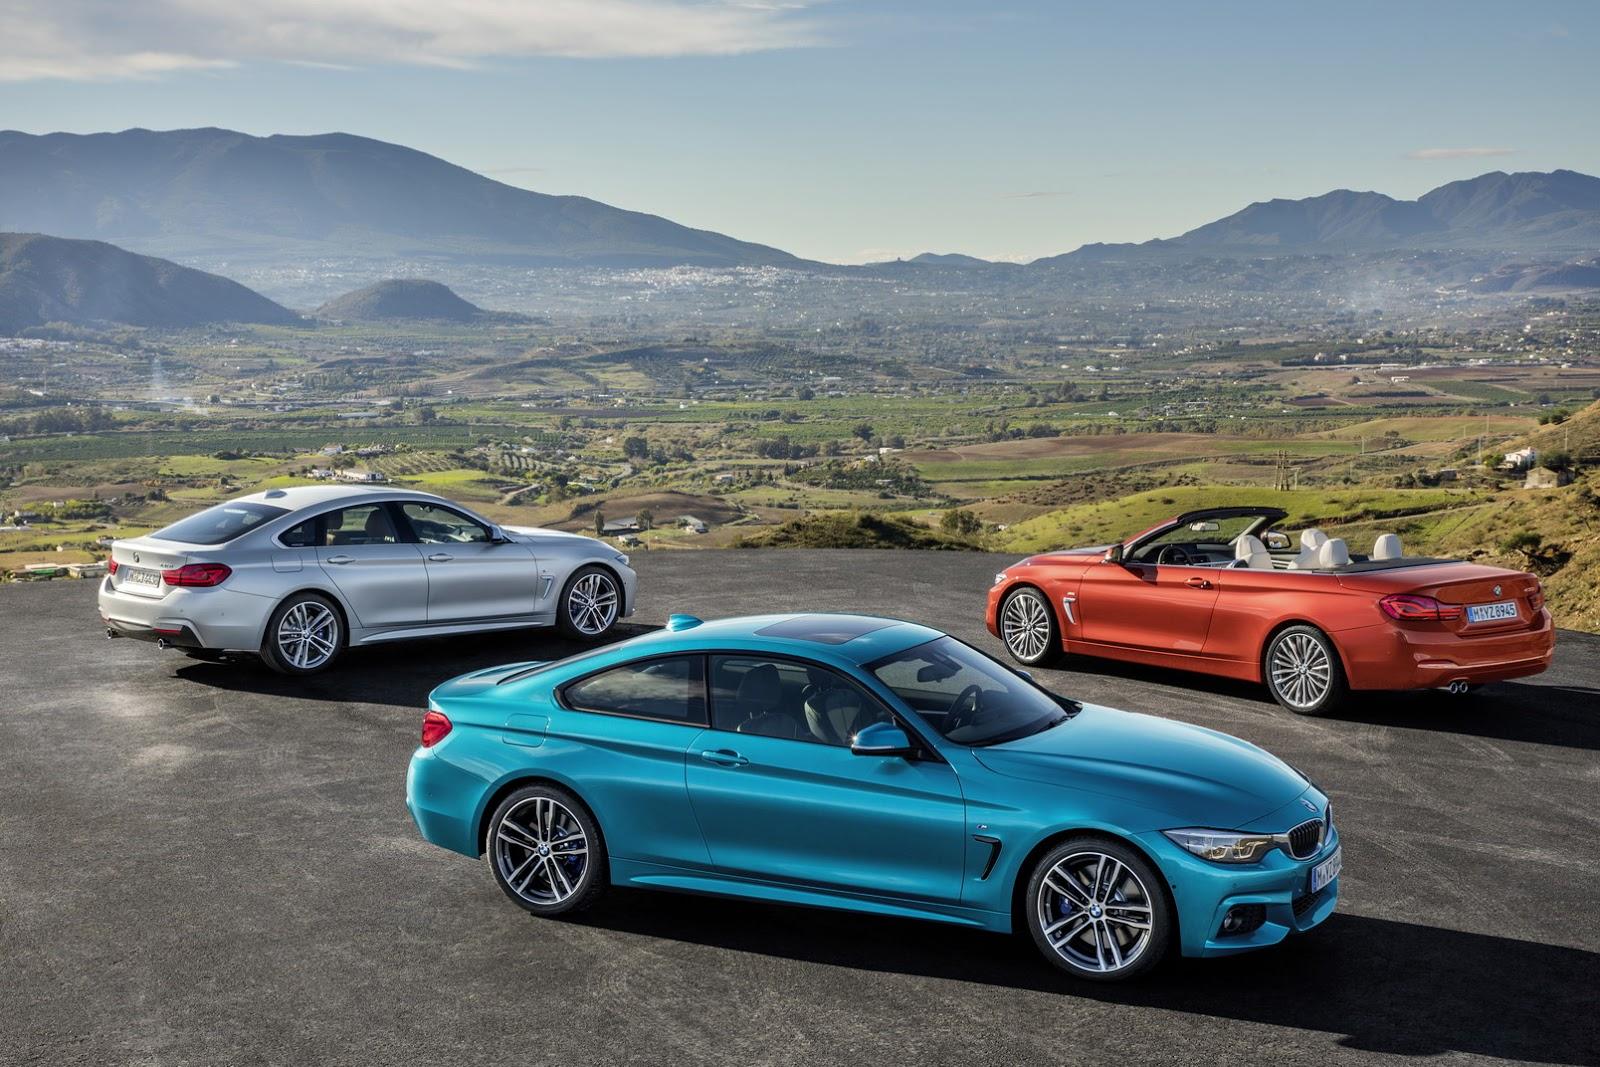 Gama BMW Série 4